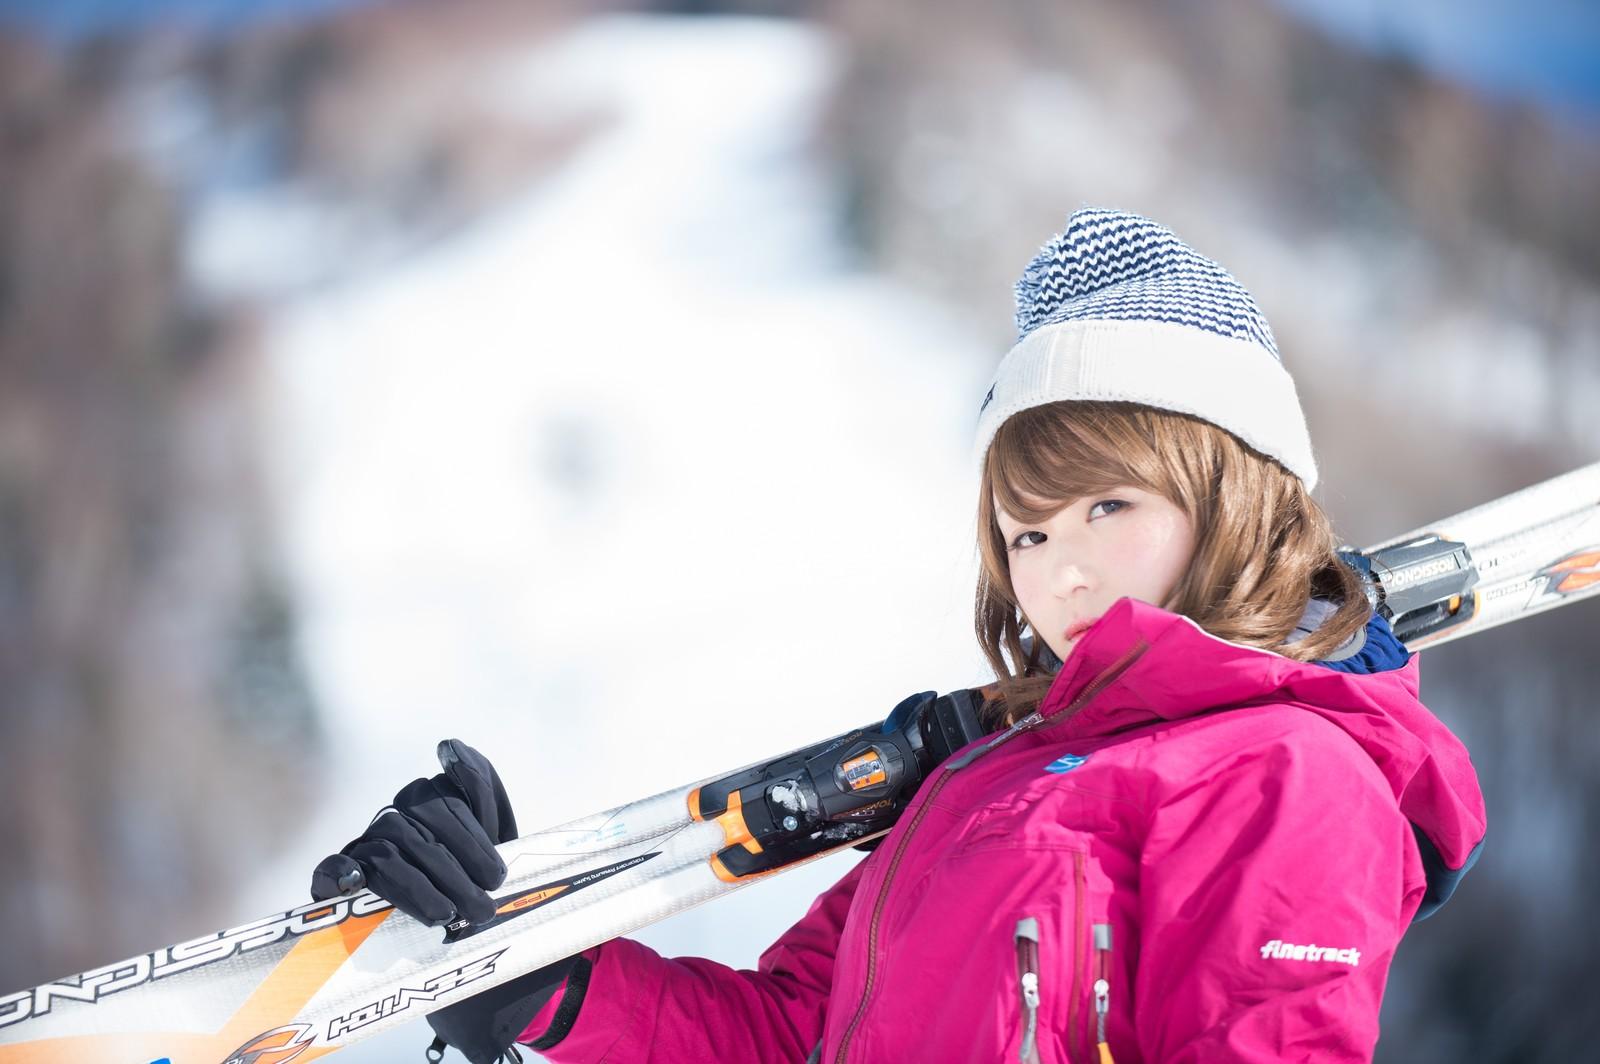 こちらを見るスキーウェア姿の女性